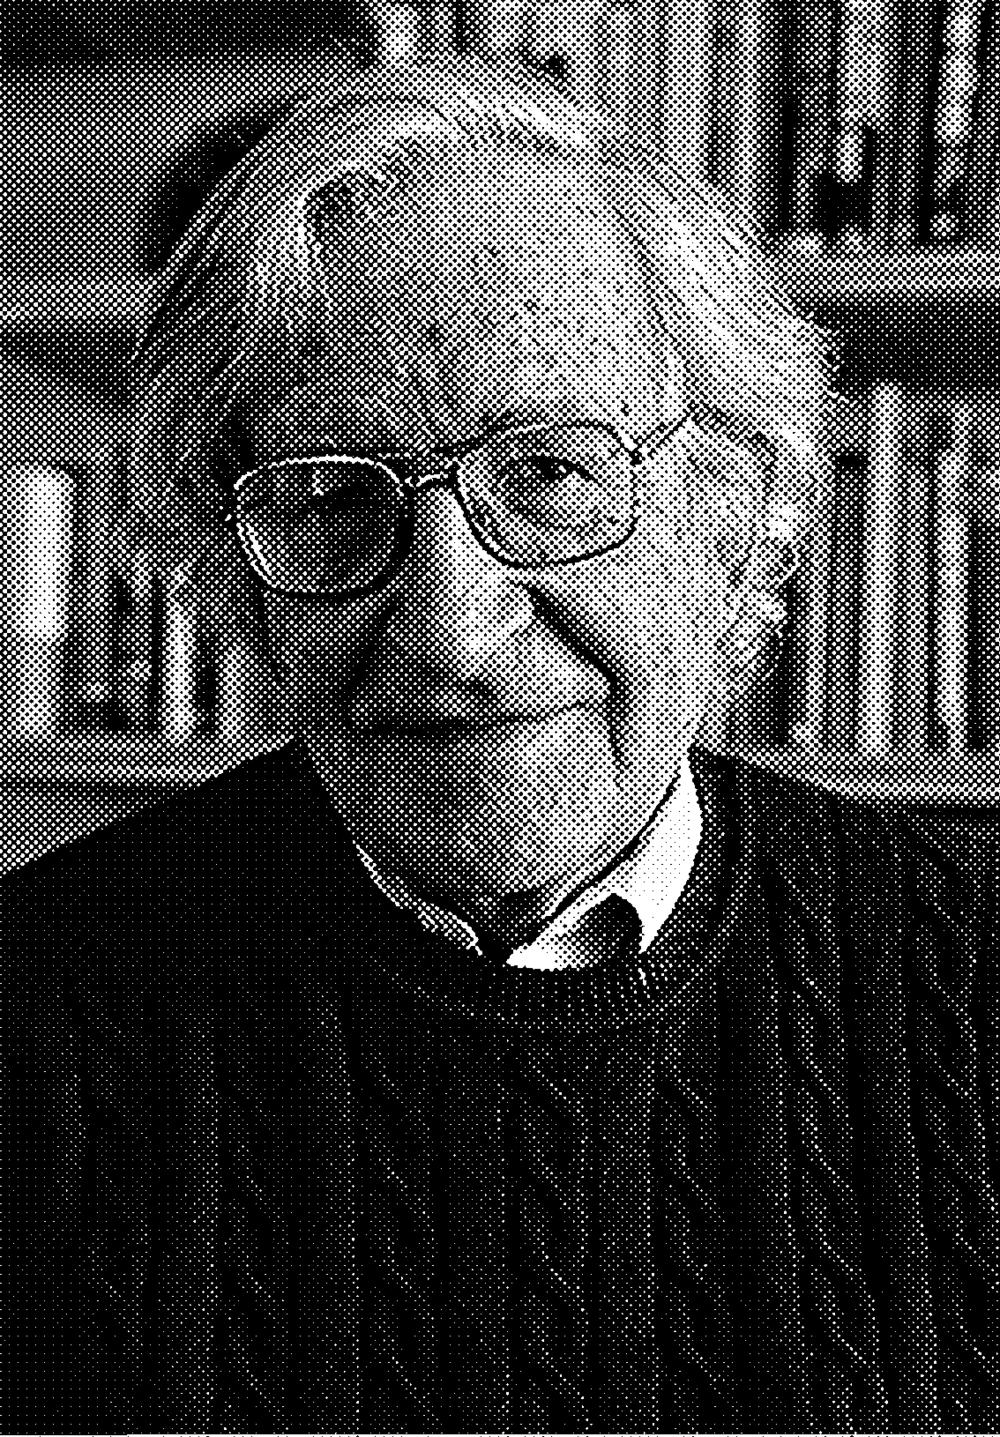 Avram Noam Chomsky  ( Filadelfia ,  7 de diciembre  de  1928 ) es un  lingüista ,  filósofo ,  politólogo  y  activista   estadounidense . Es  profesor emérito  de  lingüística  en el  Instituto Tecnológico de Massachusetts  (MIT) y una de las figuras más destacadas de la lingüística del  siglo XX , gracias a sus trabajos en teoría lingüística y  ciencia cognitiva .